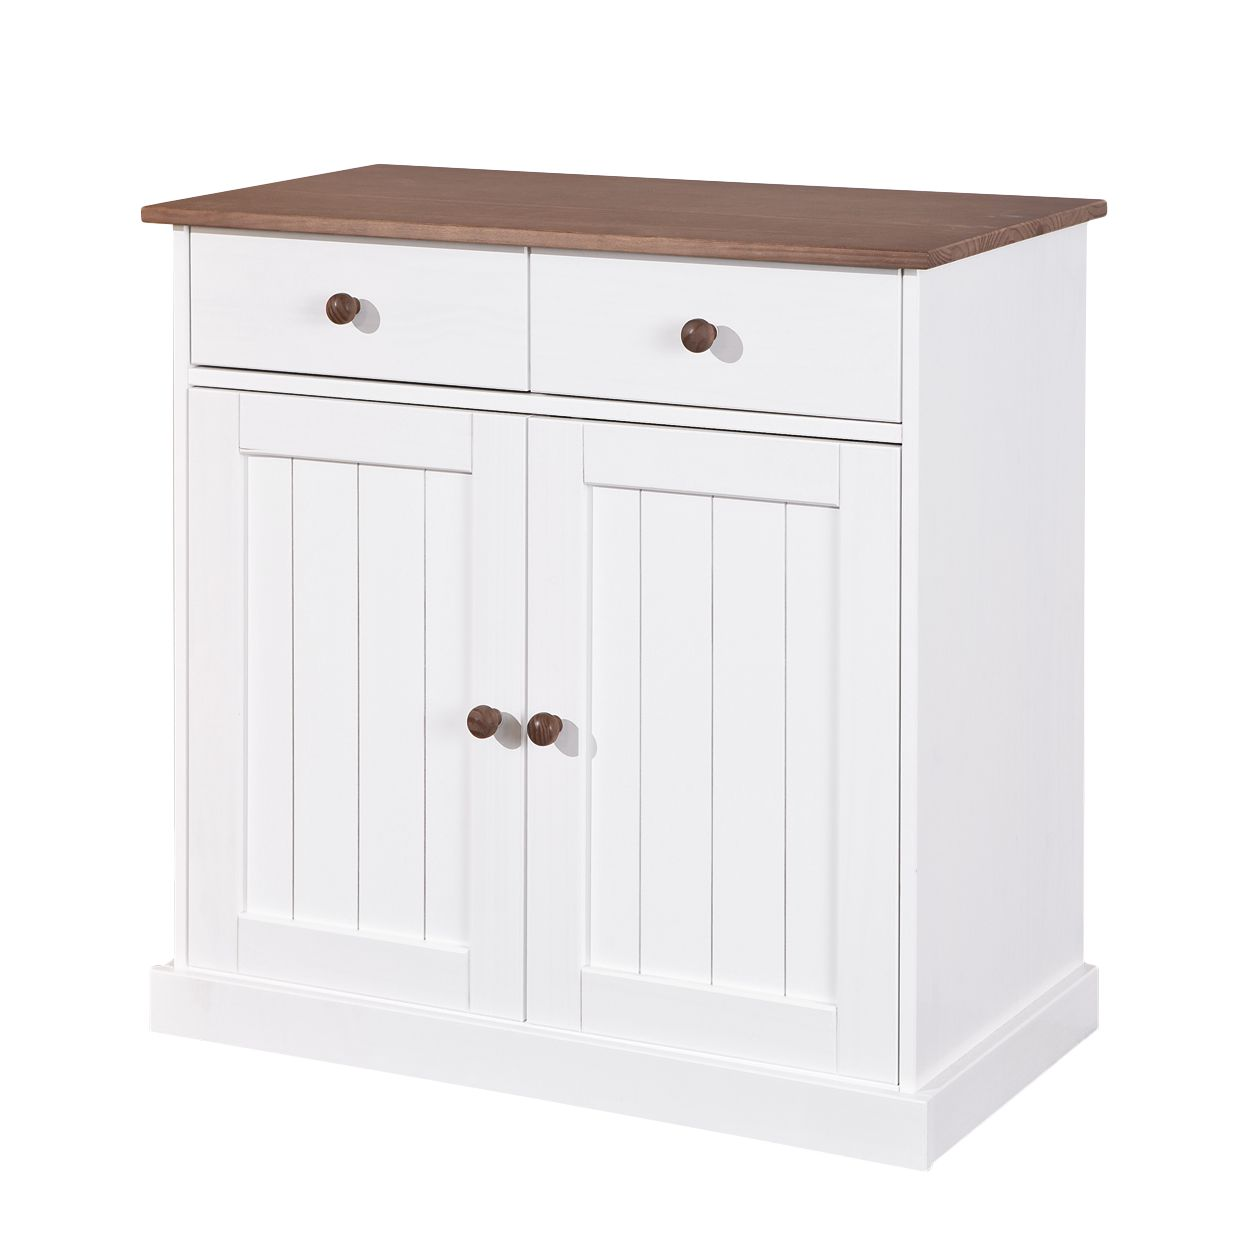 kommode weiss landhaus preisvergleich die besten angebote online kaufen. Black Bedroom Furniture Sets. Home Design Ideas